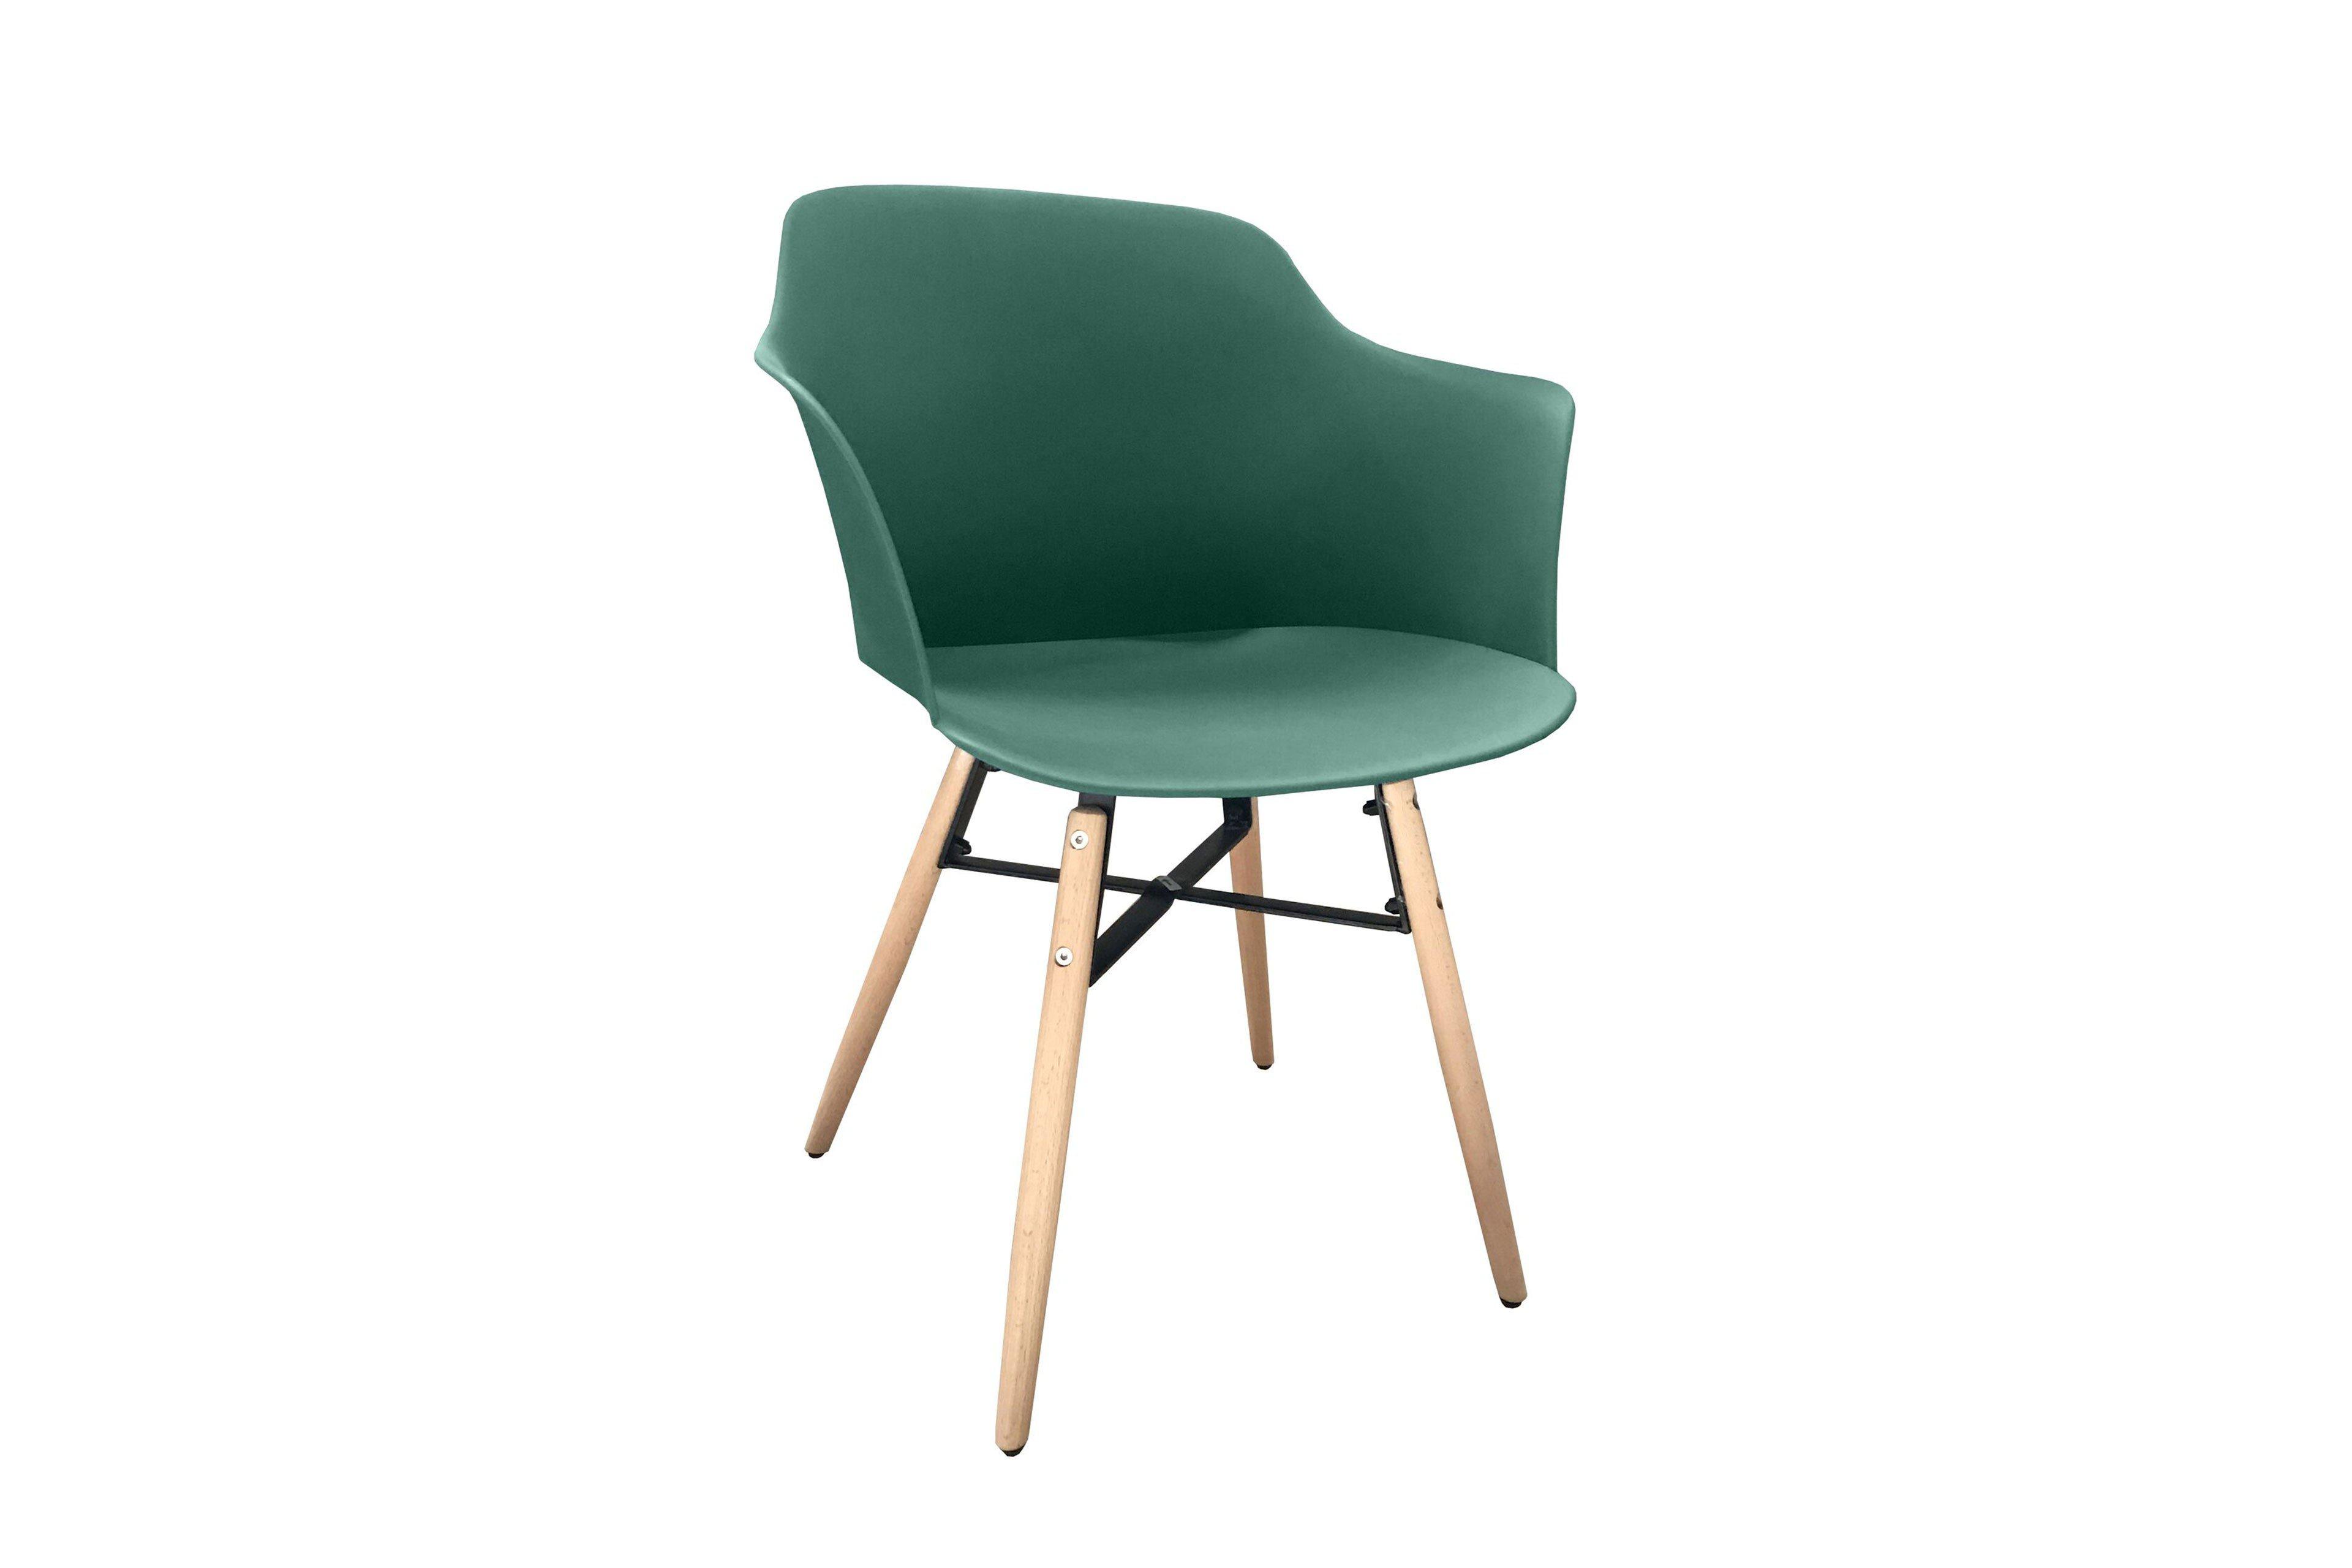 stuhl sloten in gr n von m bel letz ihr online shop. Black Bedroom Furniture Sets. Home Design Ideas